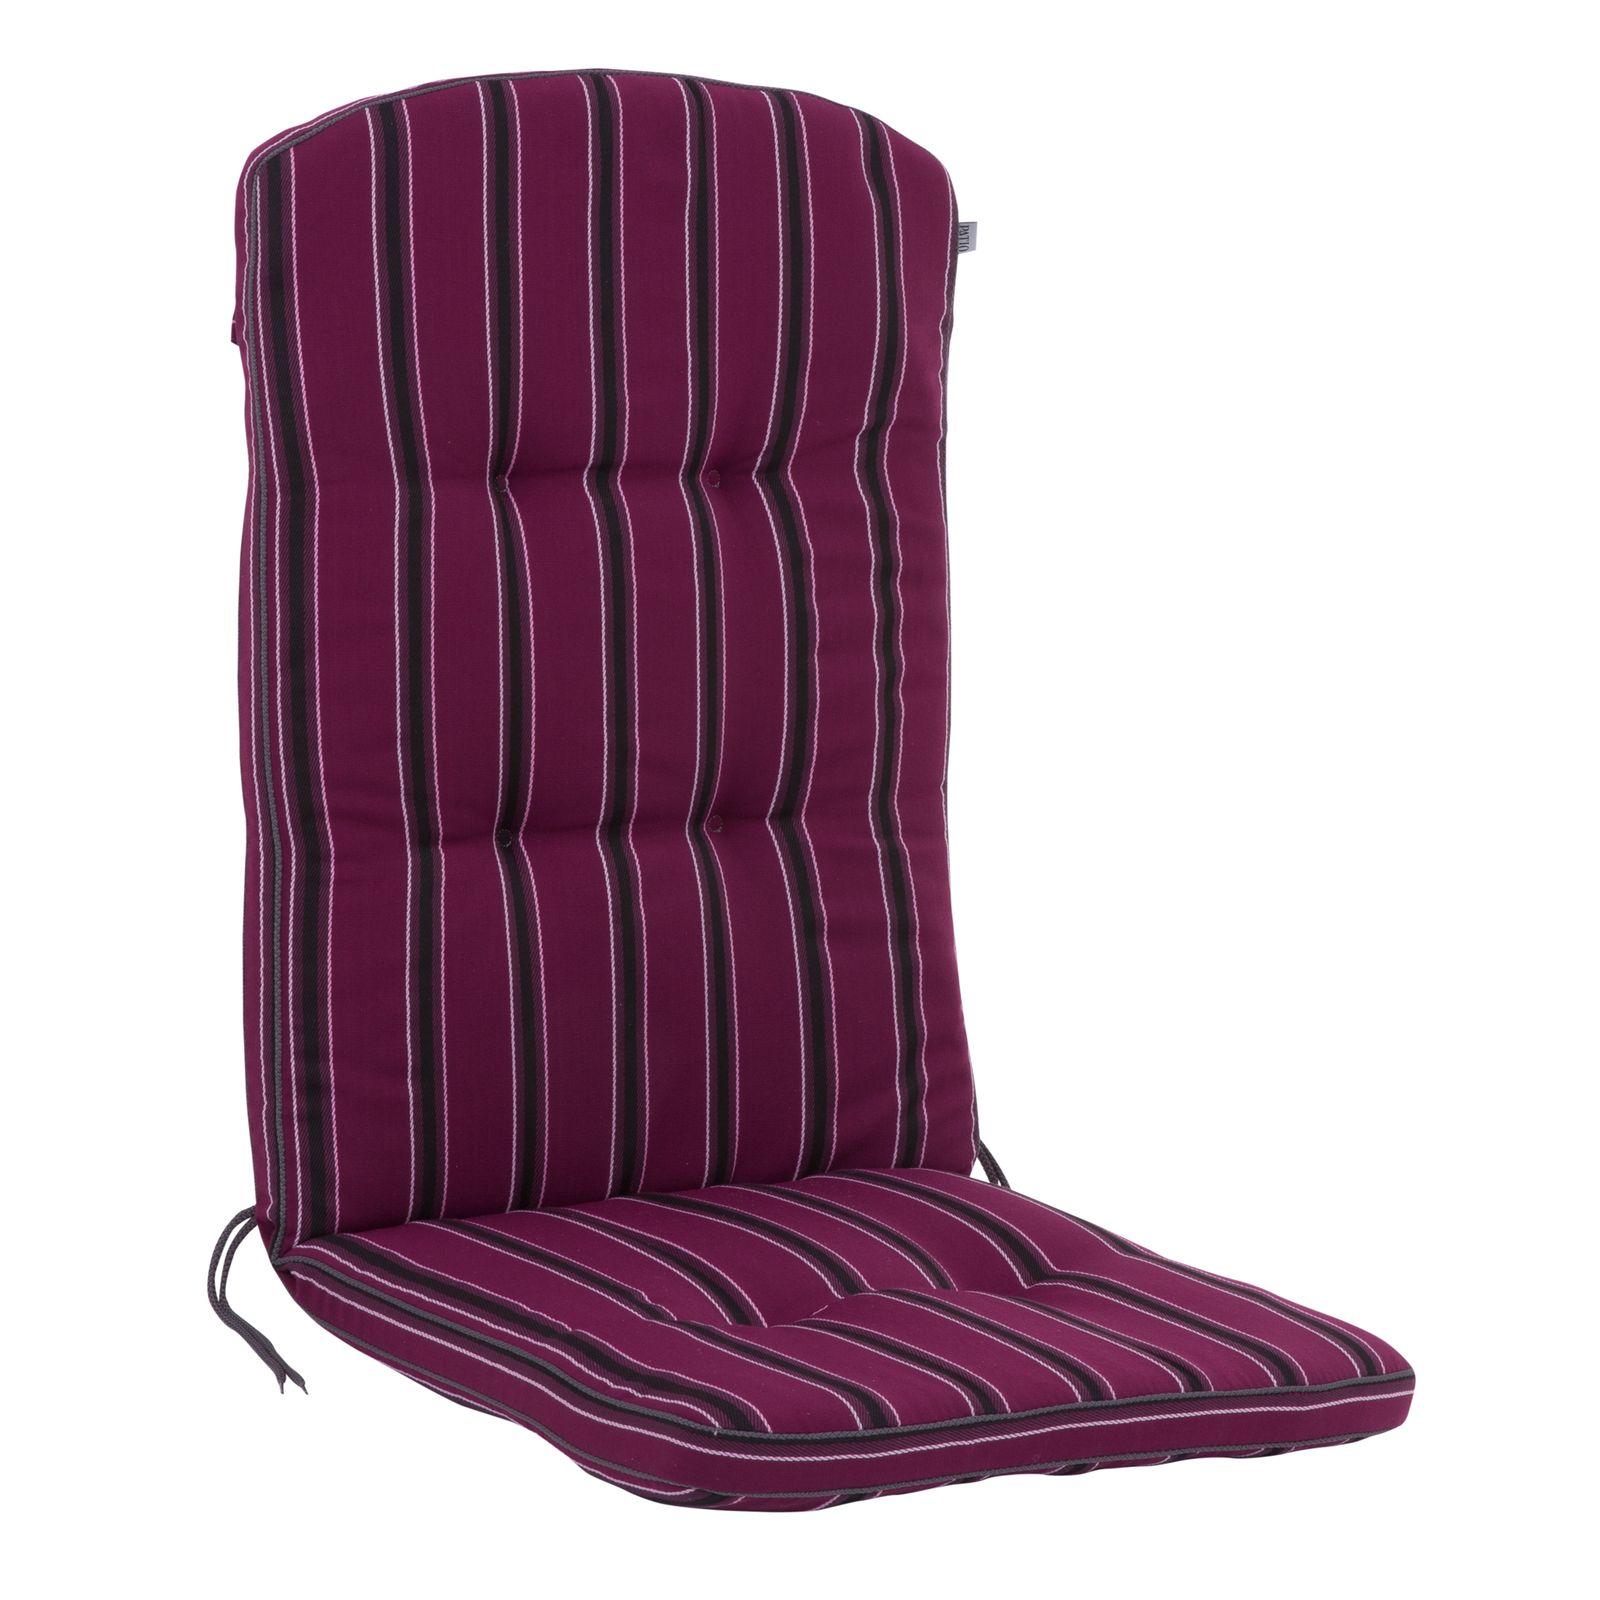 Cuscino per sedia Szafir C033-08SB PATIO